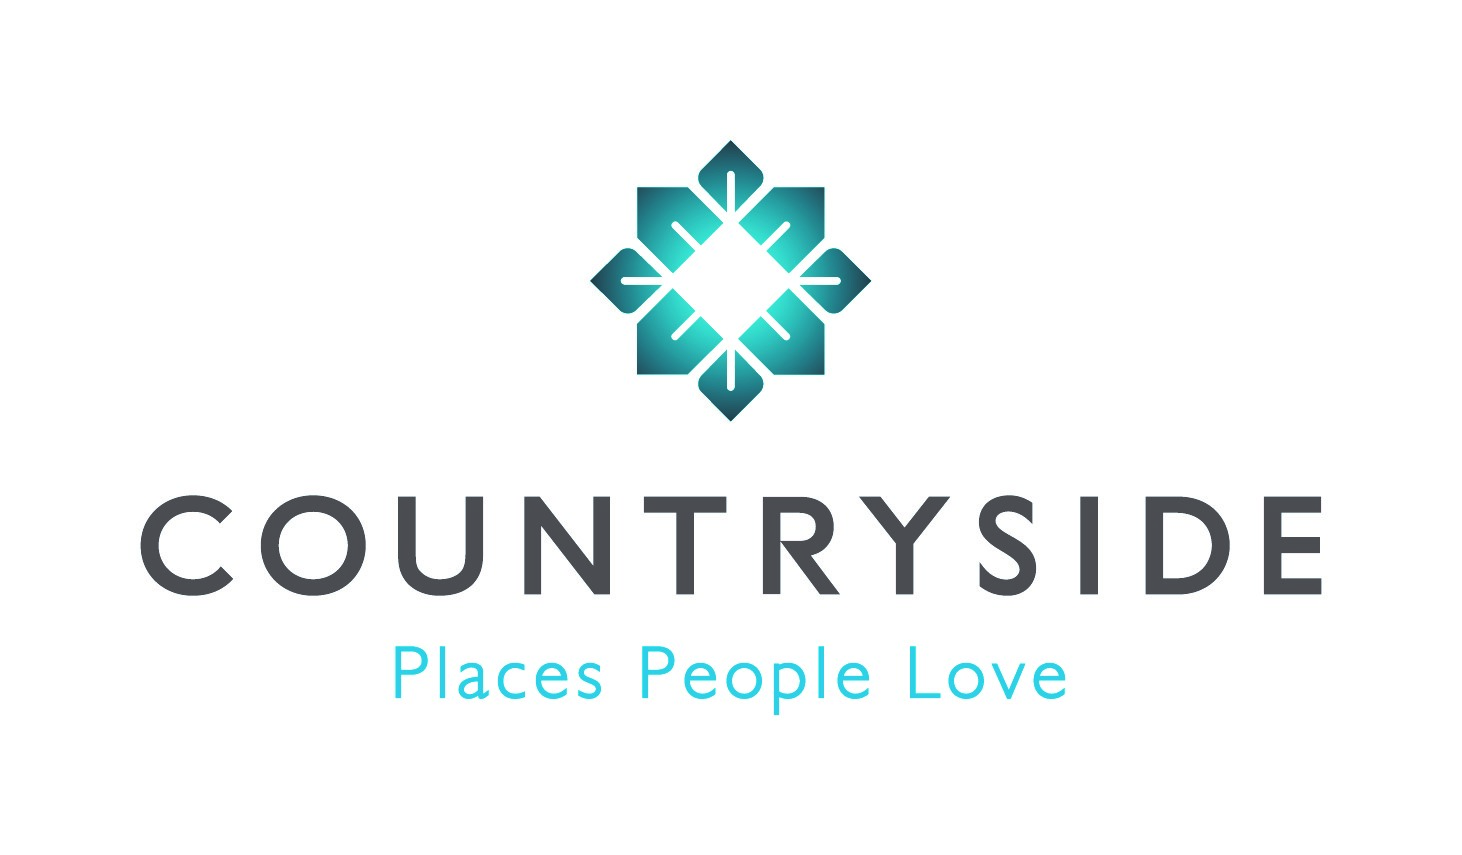 Countryside-Properties.jpg